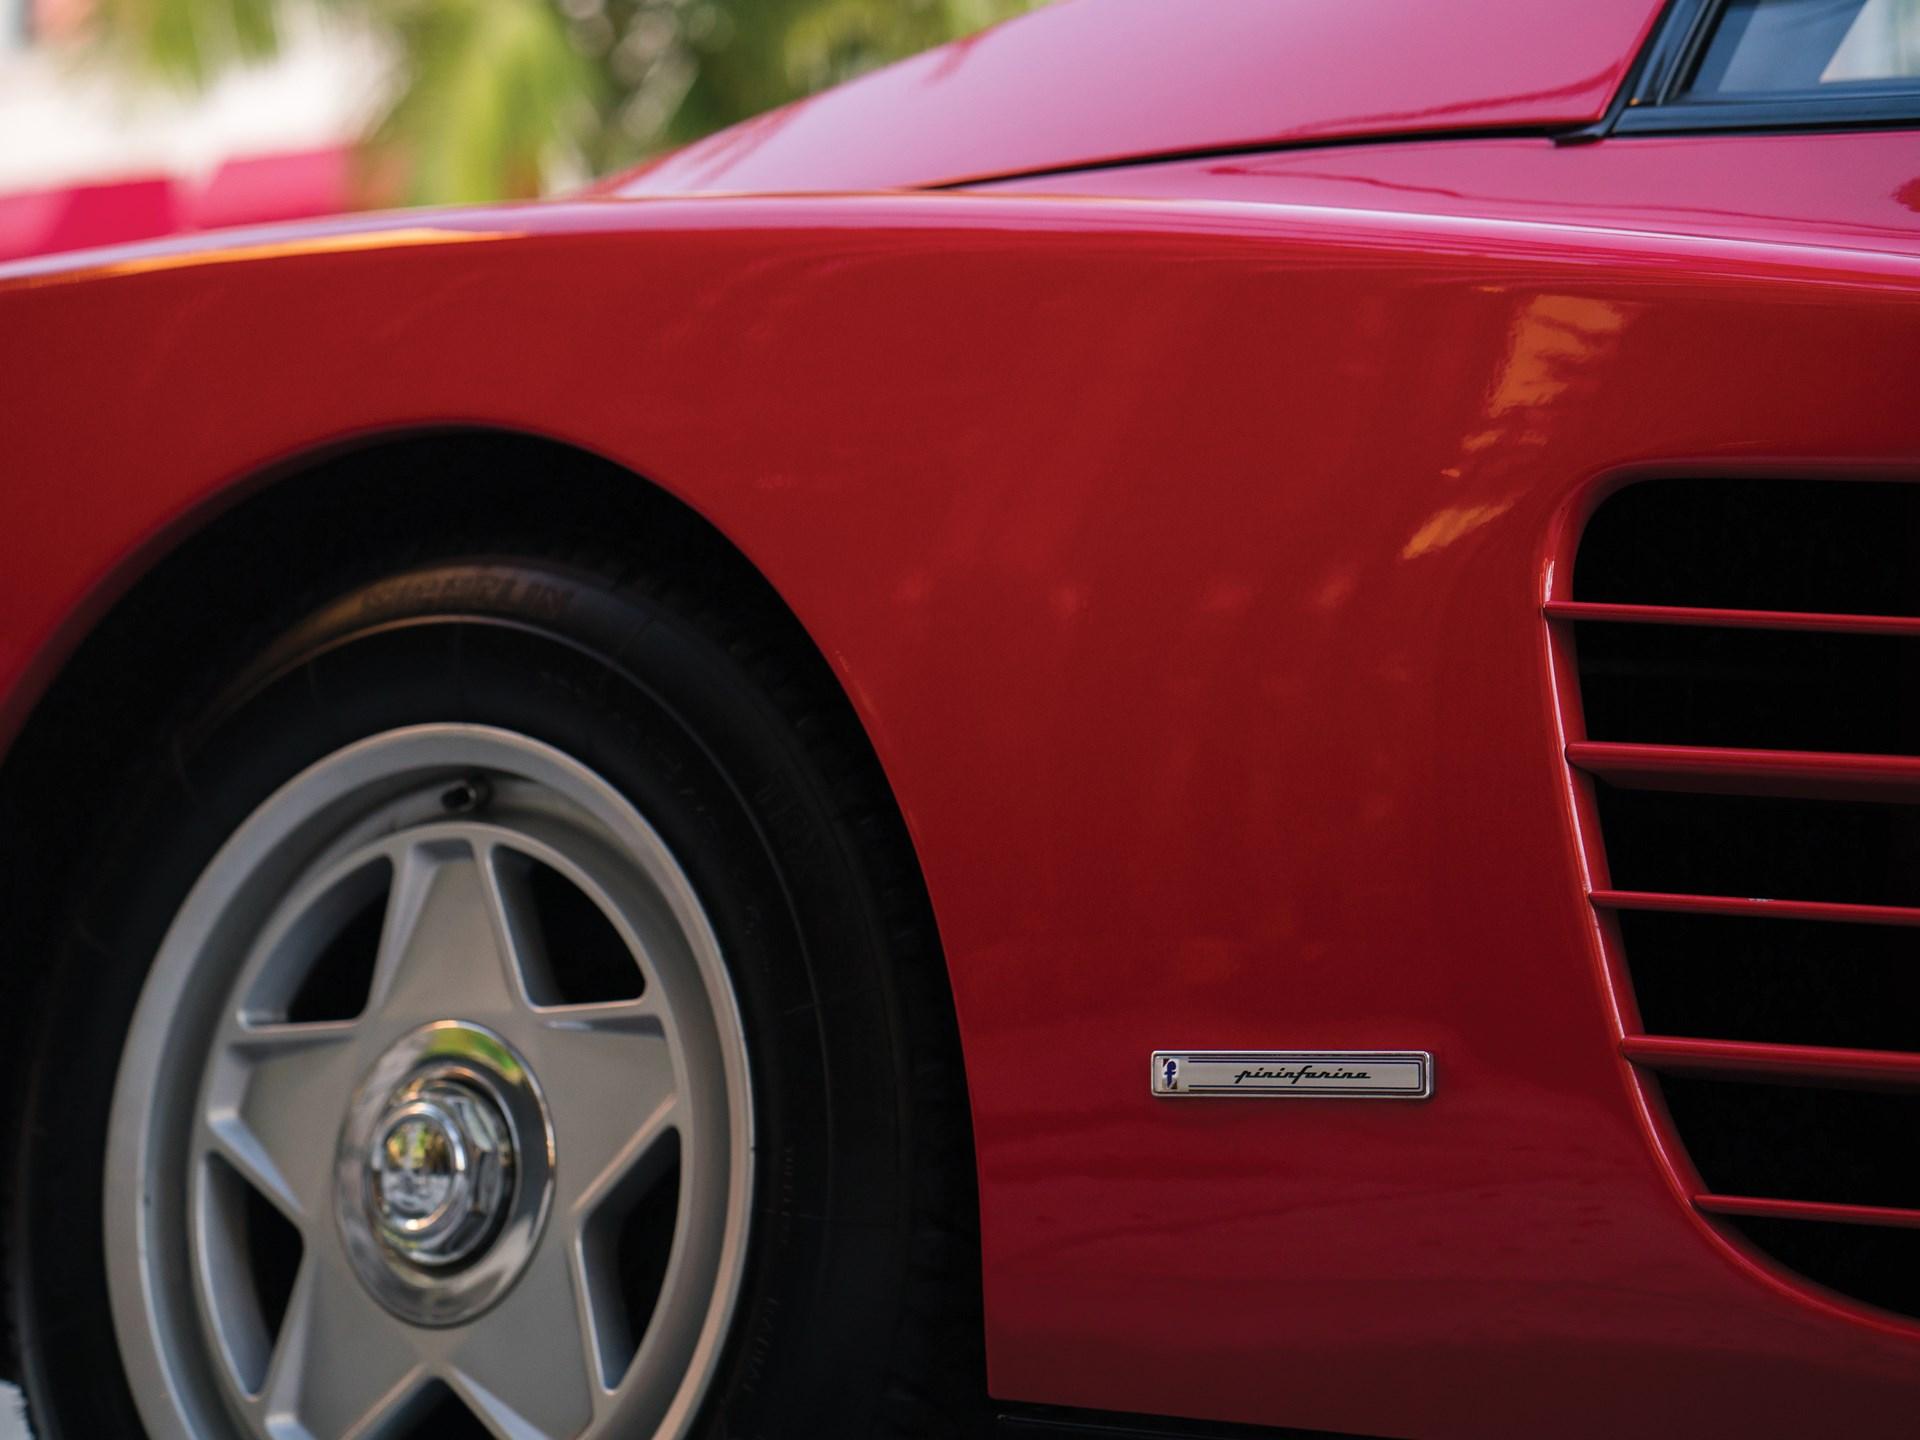 1986 Ferrari Testarossa 'Flying Mirror'